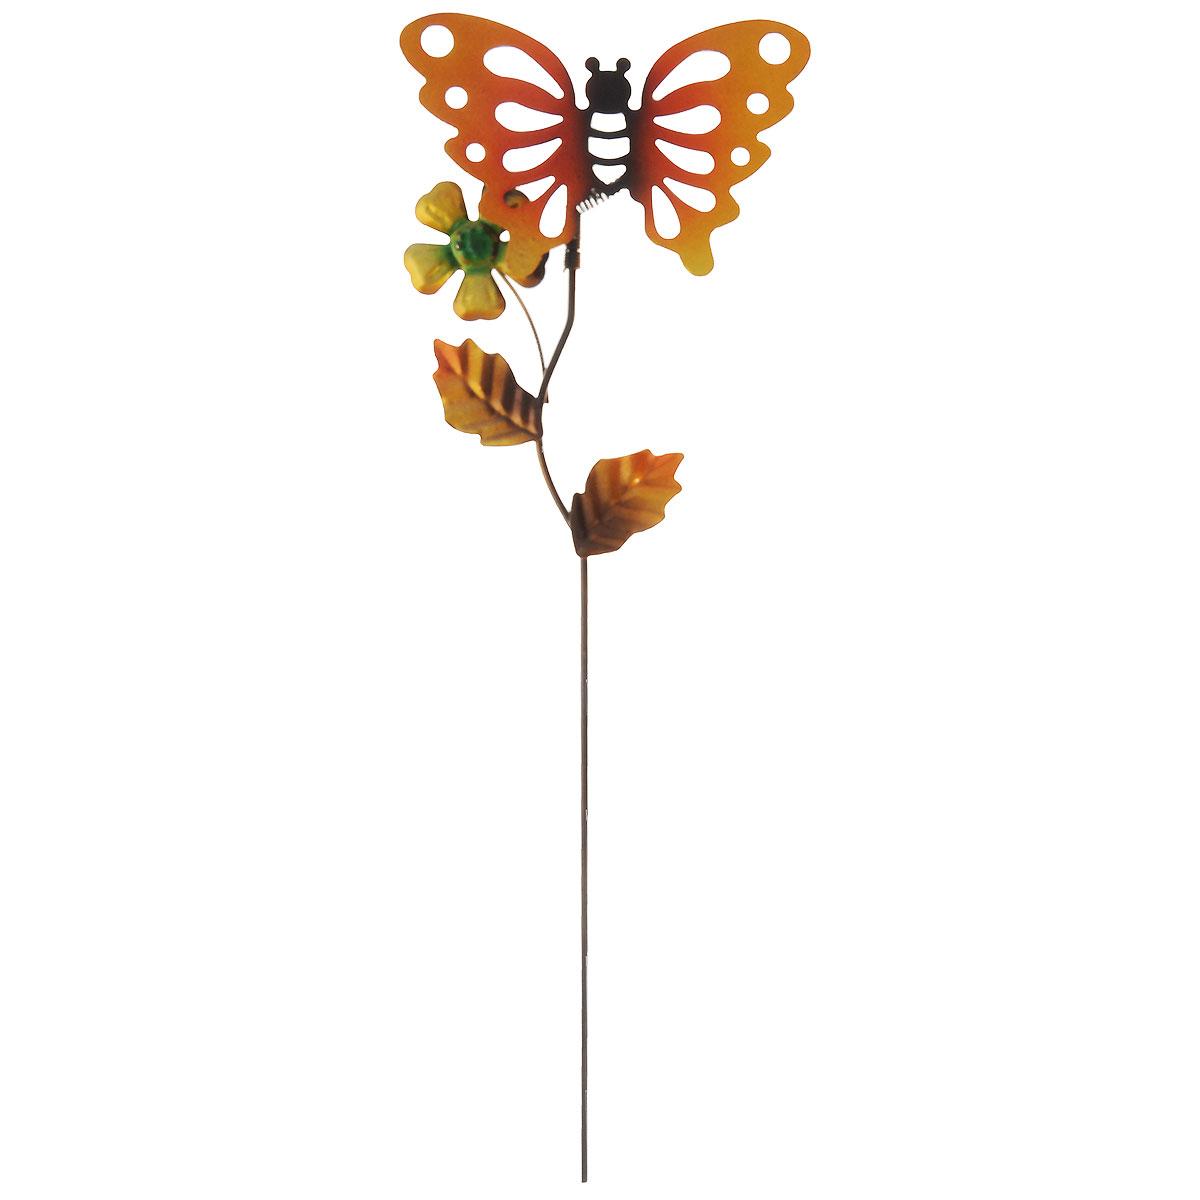 Украшение на ножке Village People Ажурные бабочки, цвет: золотистый, высота 35 см. 66976_366976_3Украшение на ножке Village People Ажурные бабочки изготовлено из металла и предназначено для украшения садового участка, клумб, грядок, а также для поддержки и правильного роста декоративных растений. Очень легко вставляется в землю. Размер бабочки: 12 см х 8 см х 0,1 см. Диаметр цветка: 4,5 см.